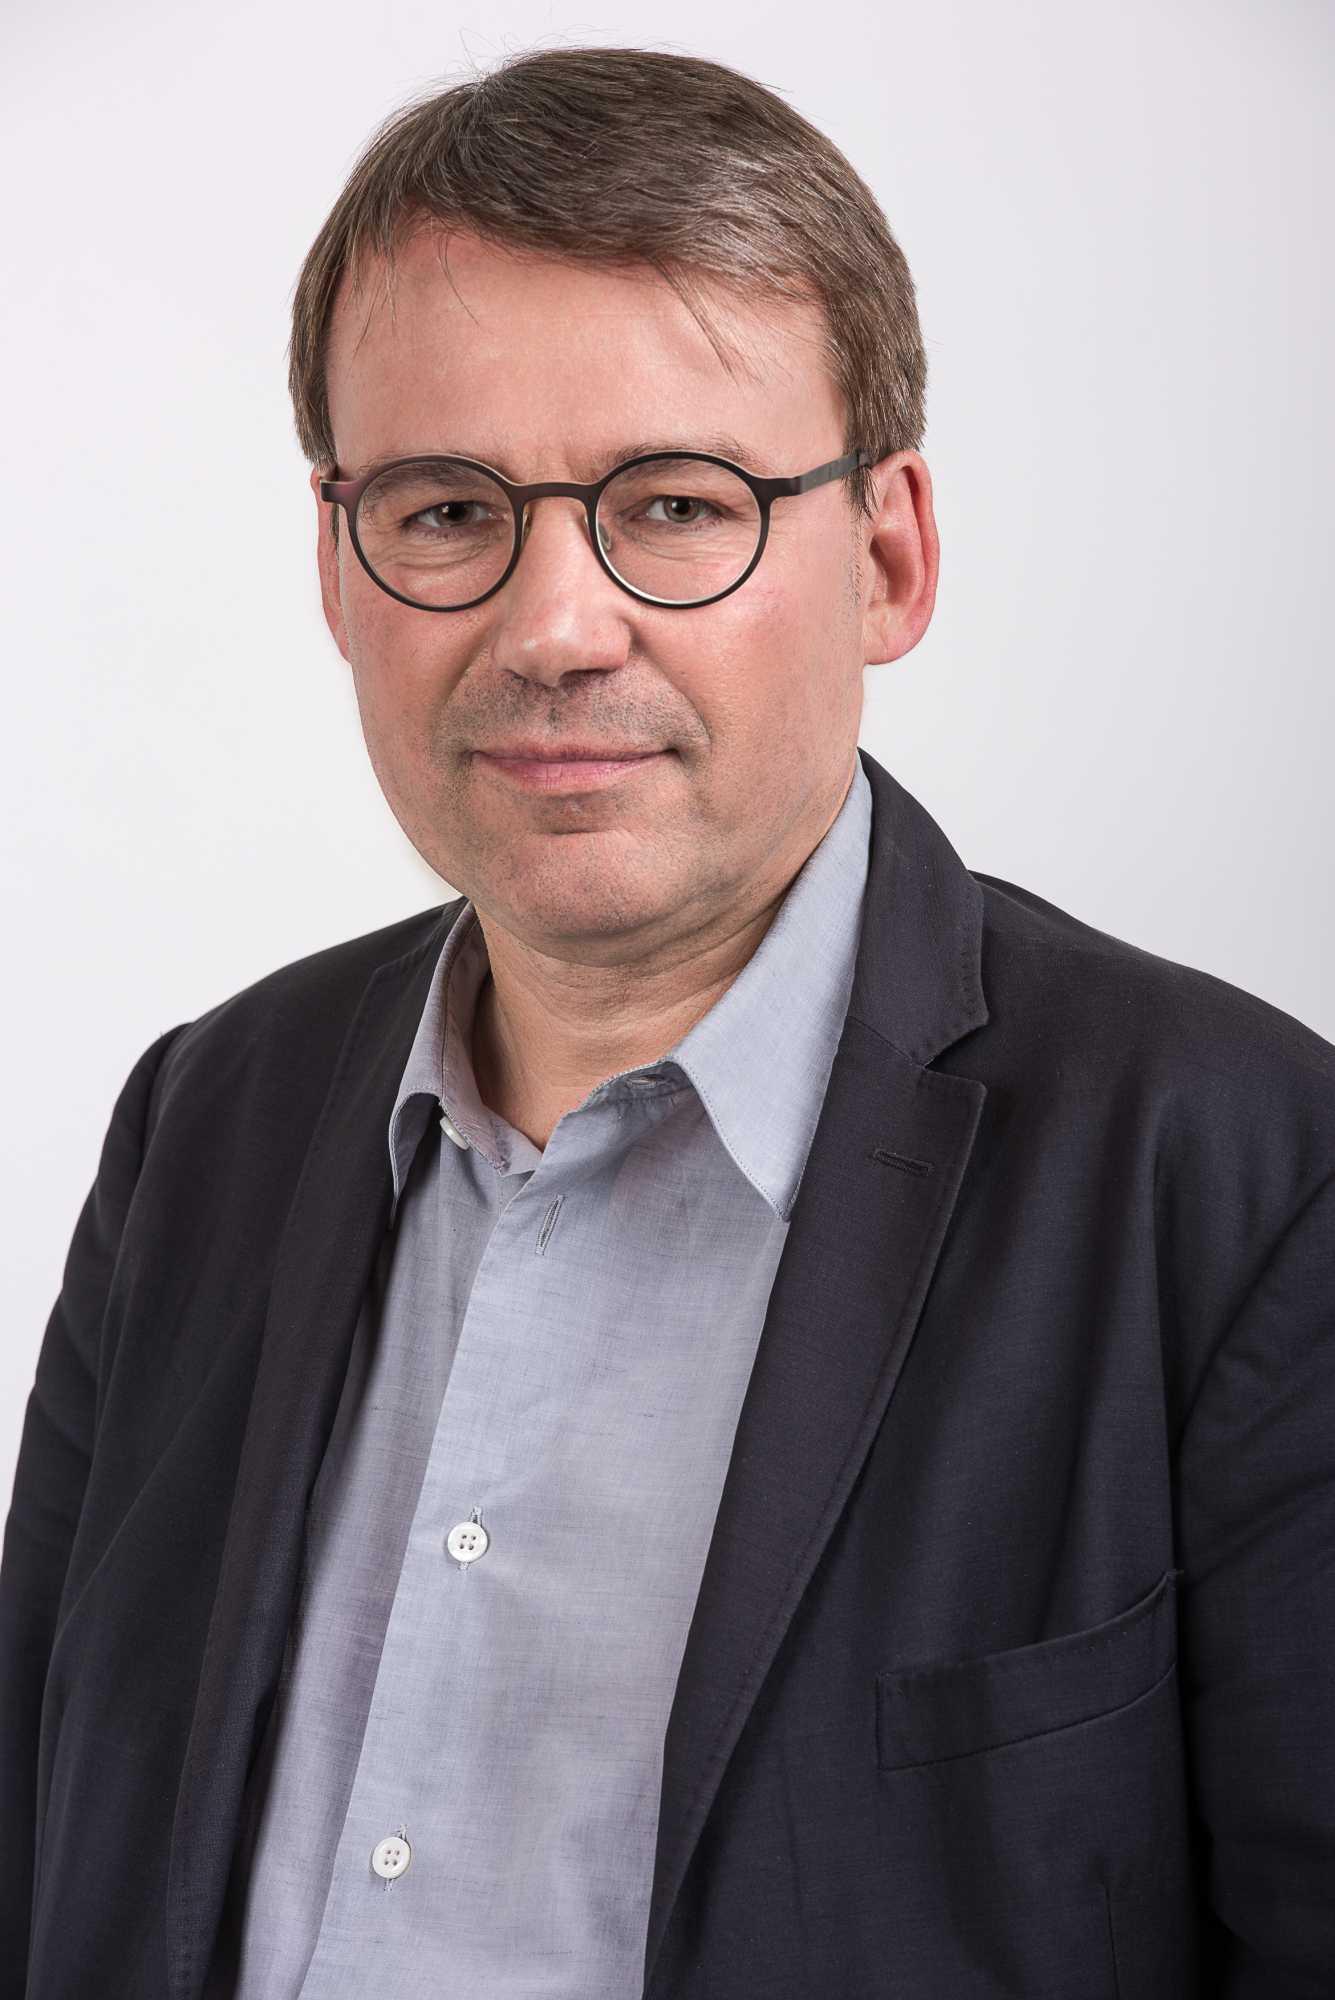 Stefan Brending